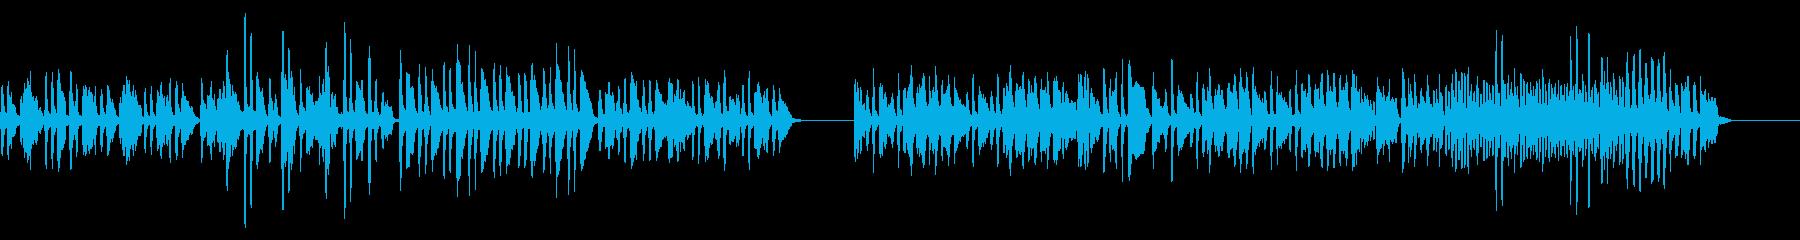 狩人の合唱をヴァイオリンソロでの再生済みの波形